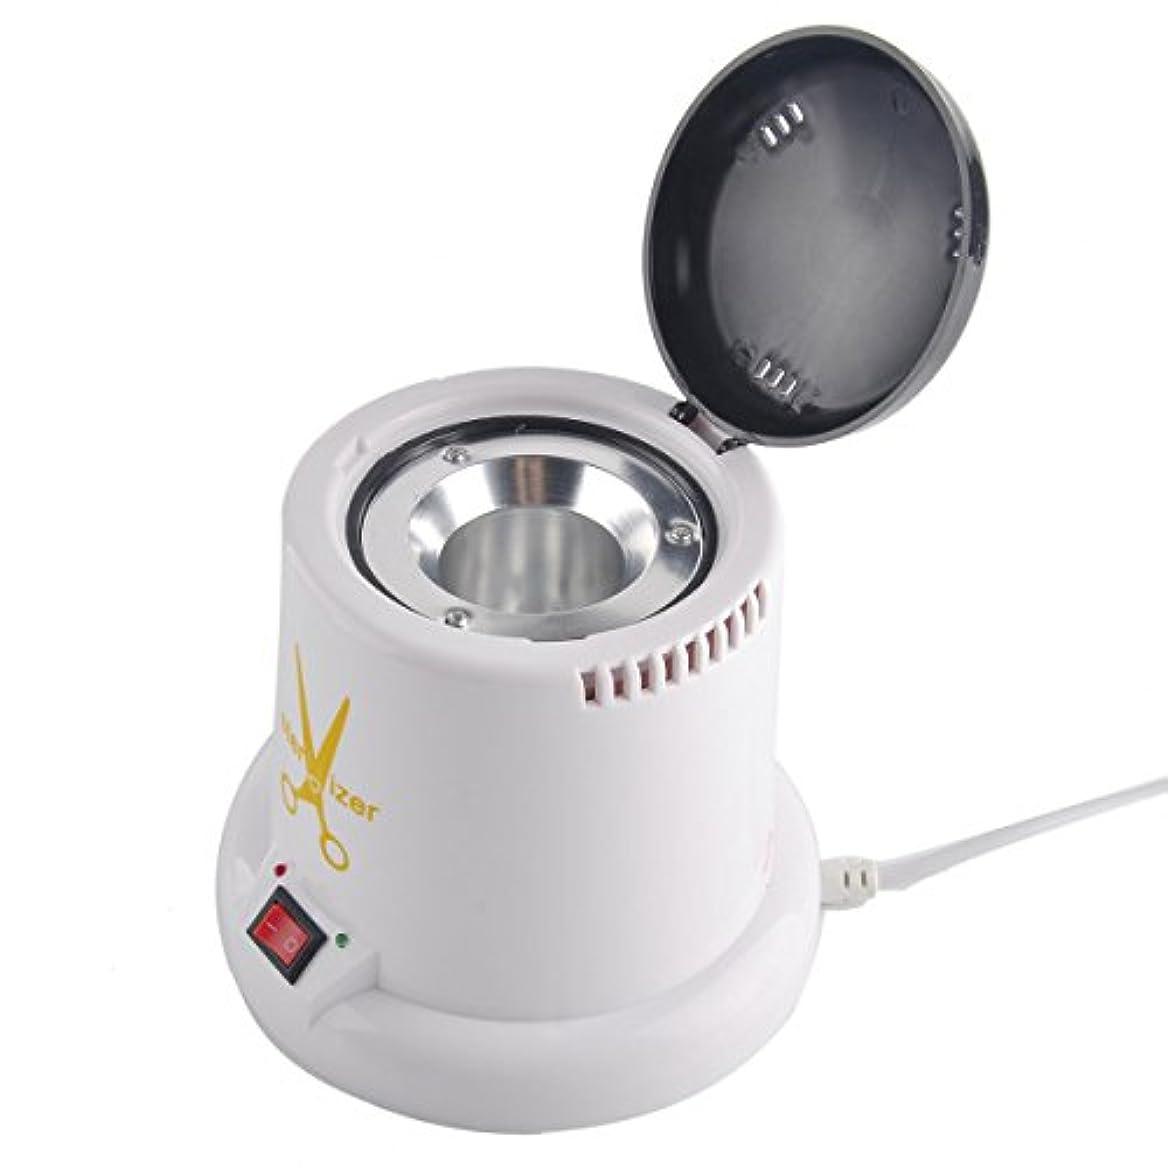 ドーム必要書くFidgetGear 機械釘の滅菌装置110 / 220vを消毒する高温滅菌装置箱 110V